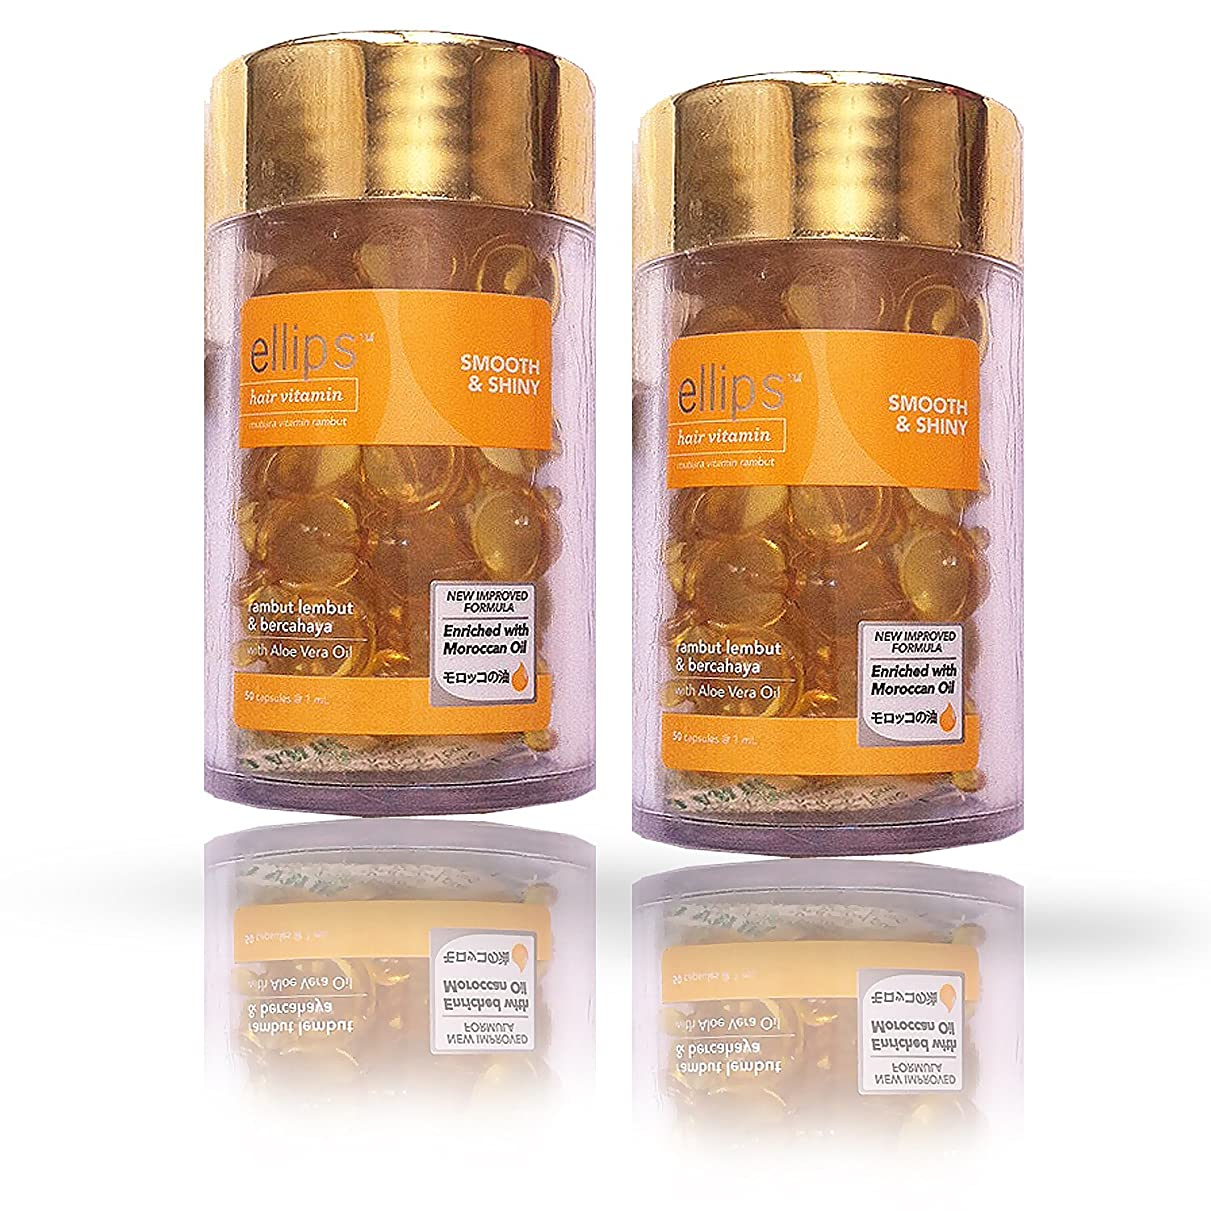 けがをする鉄該当するエリップス(ellips)スムース&シャイニー(フレッシュ トロピカル フルーツの香り) ボトル50粒×2個